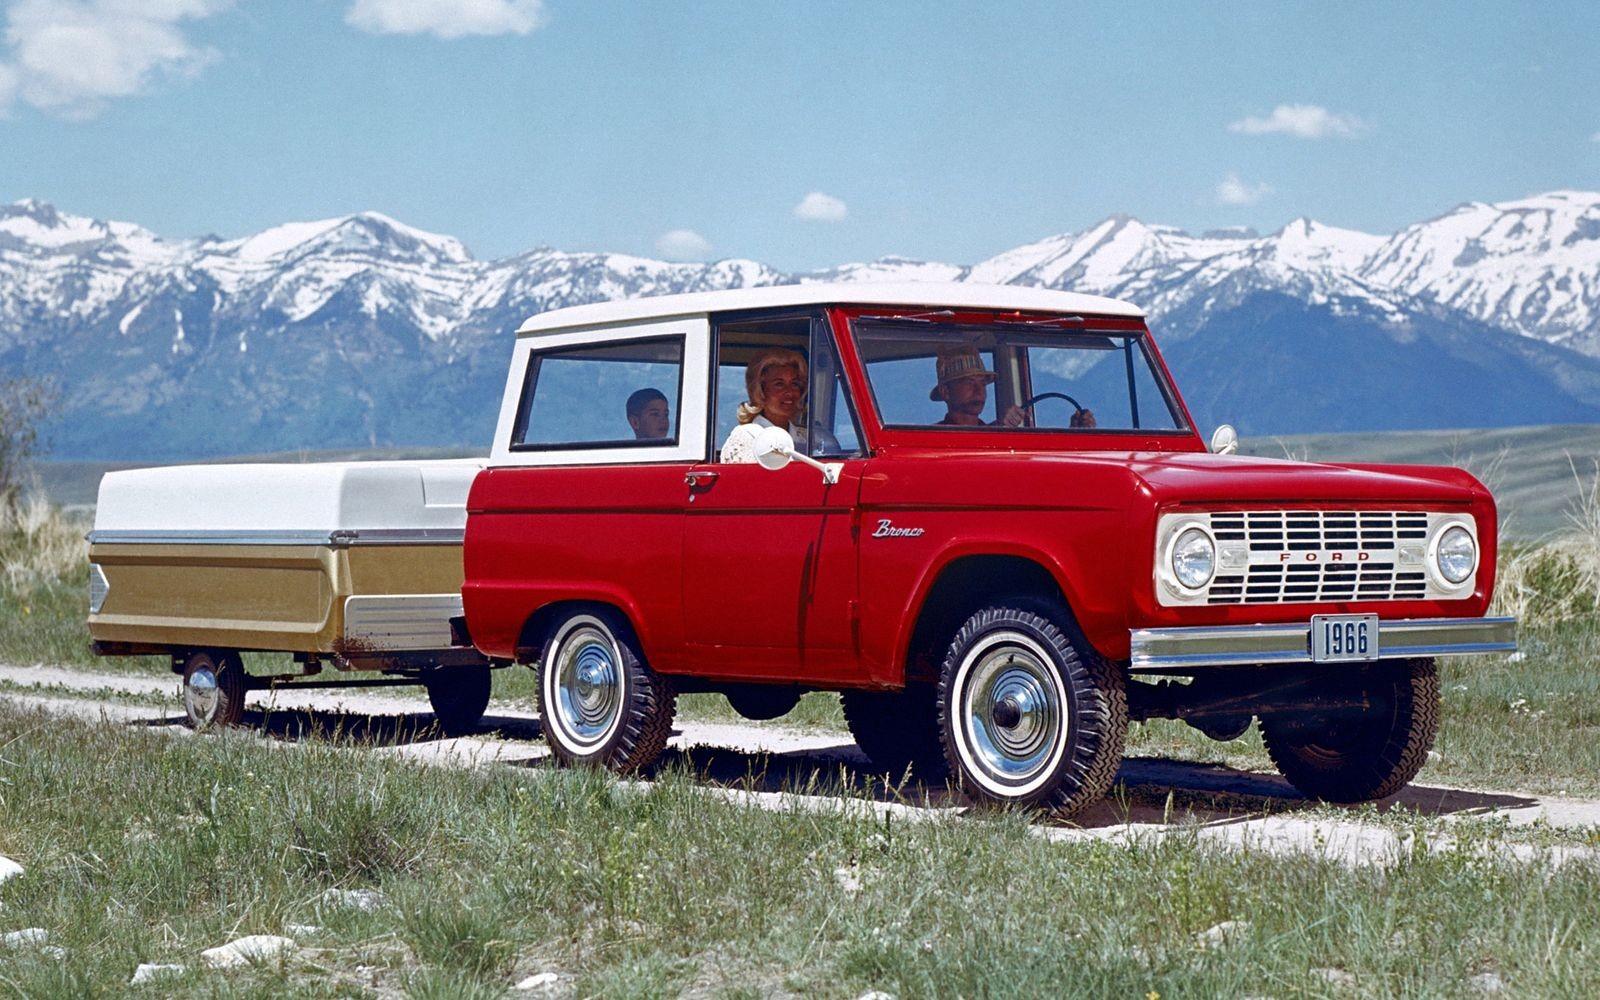 Ford Bronco первого поколения (1966 год)